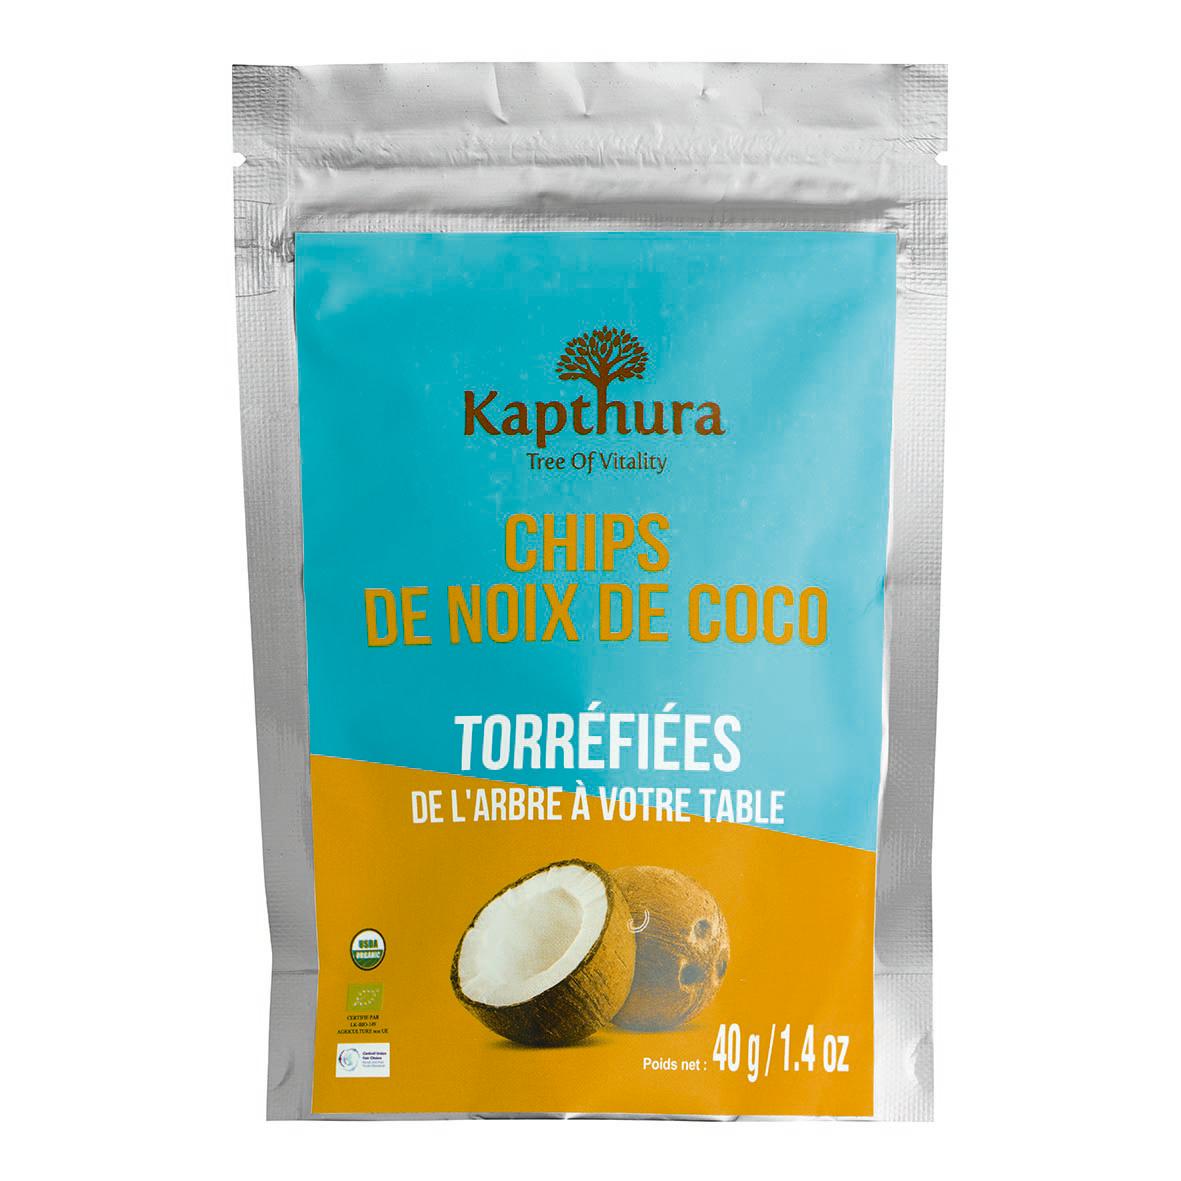 Lechoppebio Chips de Noix de Coco torréfiés 500g Bio - Kapthura